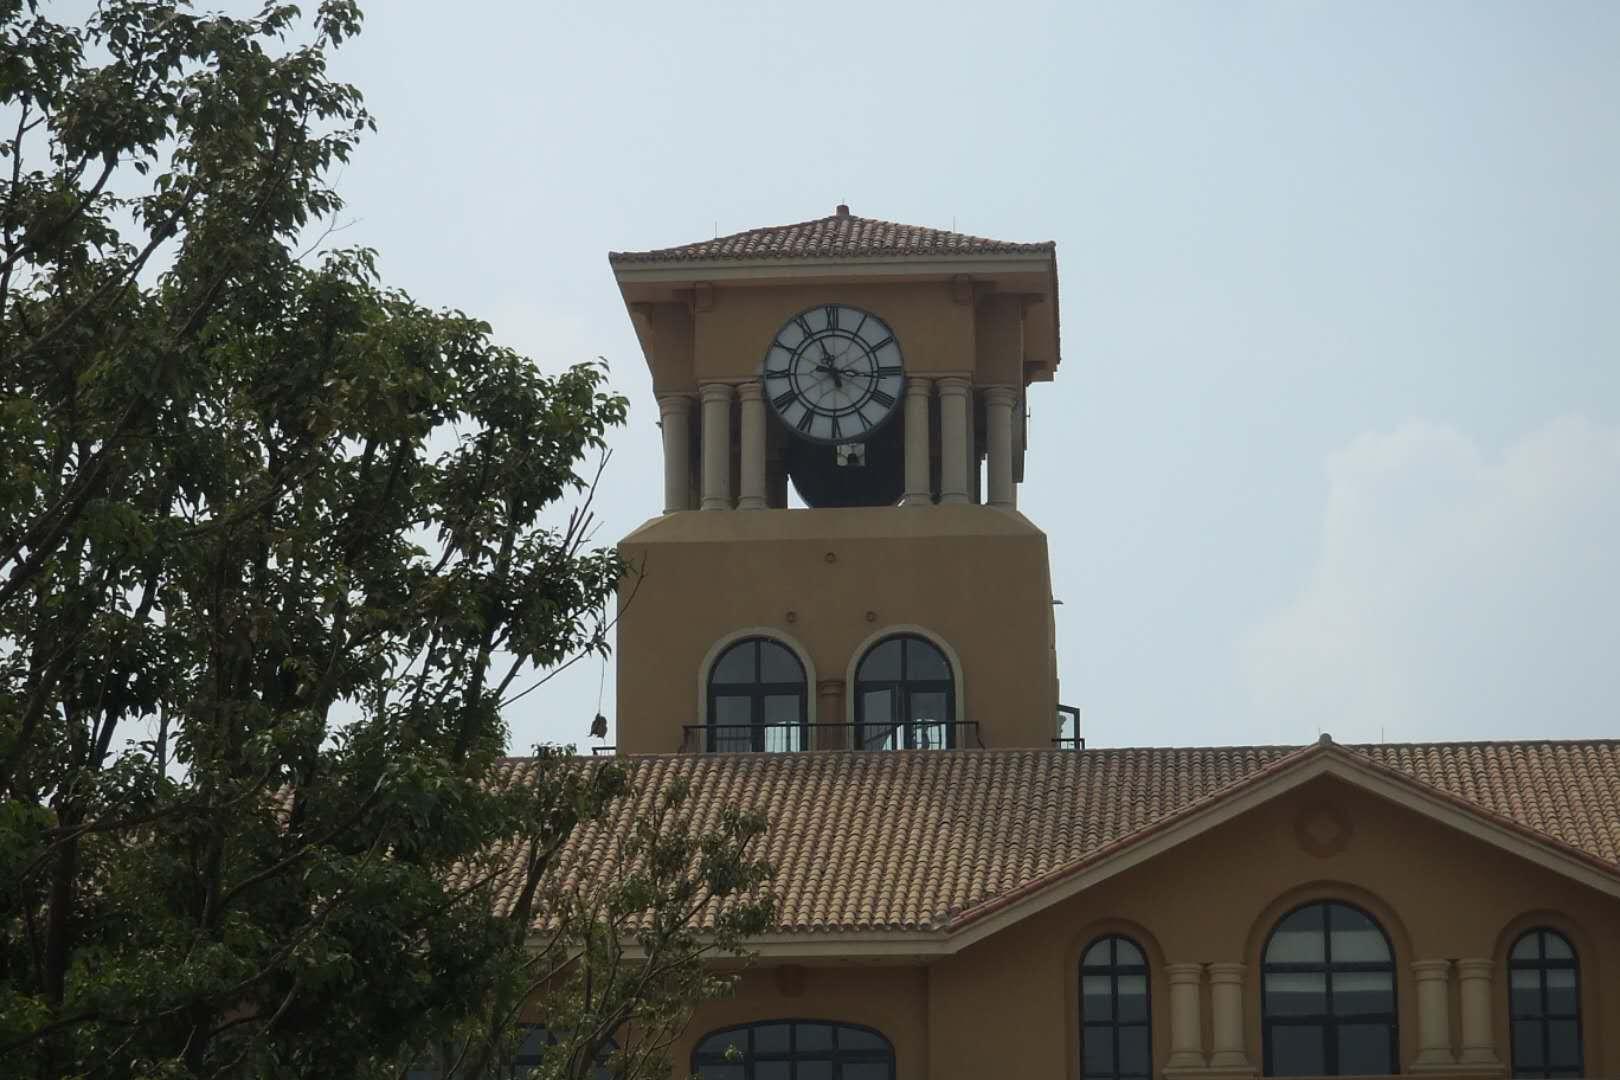 建筑装饰大钟 户外墙体大钟 机械建筑钟 厂家直销质量可靠